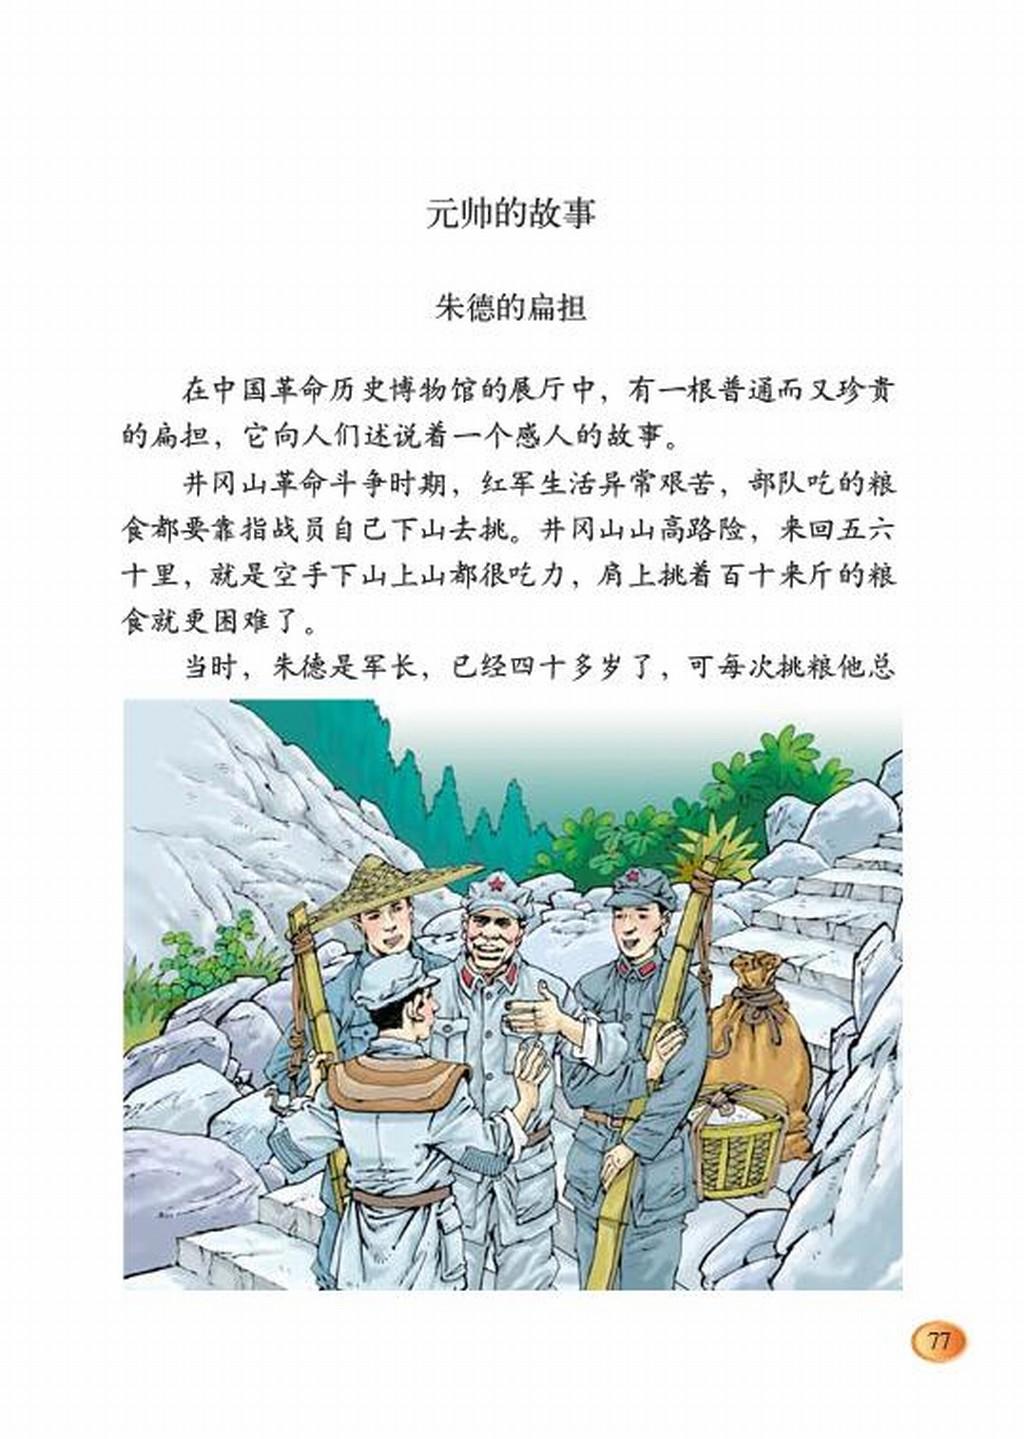 北师大版三年级语文下册第8单元 尊重与平等